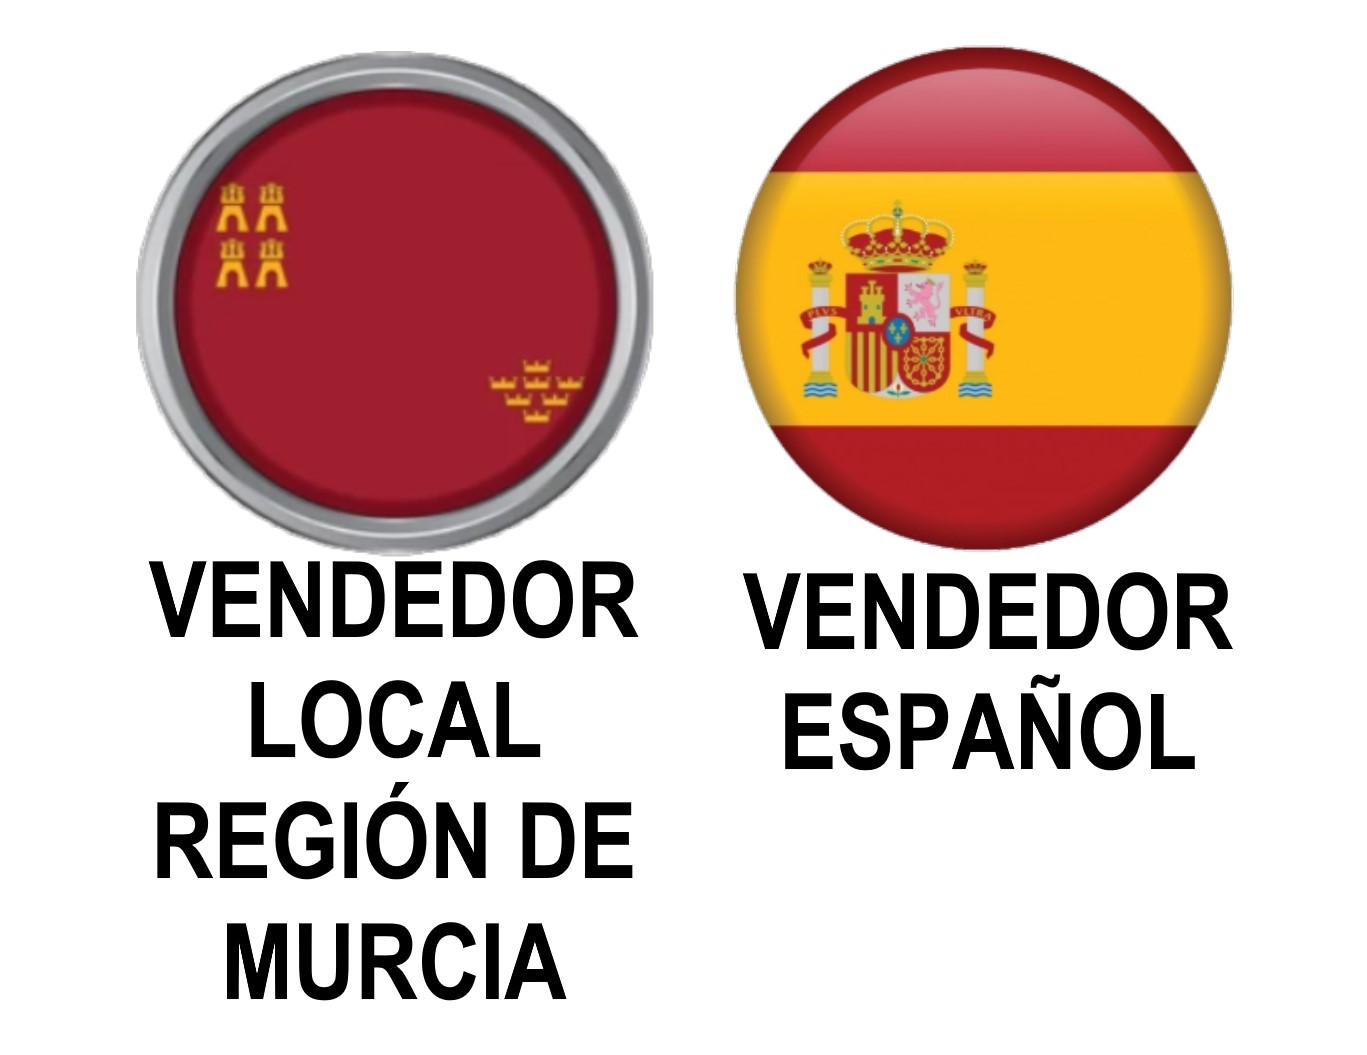 VENDEDOR LOCAL DE LA REGIÓN DE MURCIA, ESPAÑA